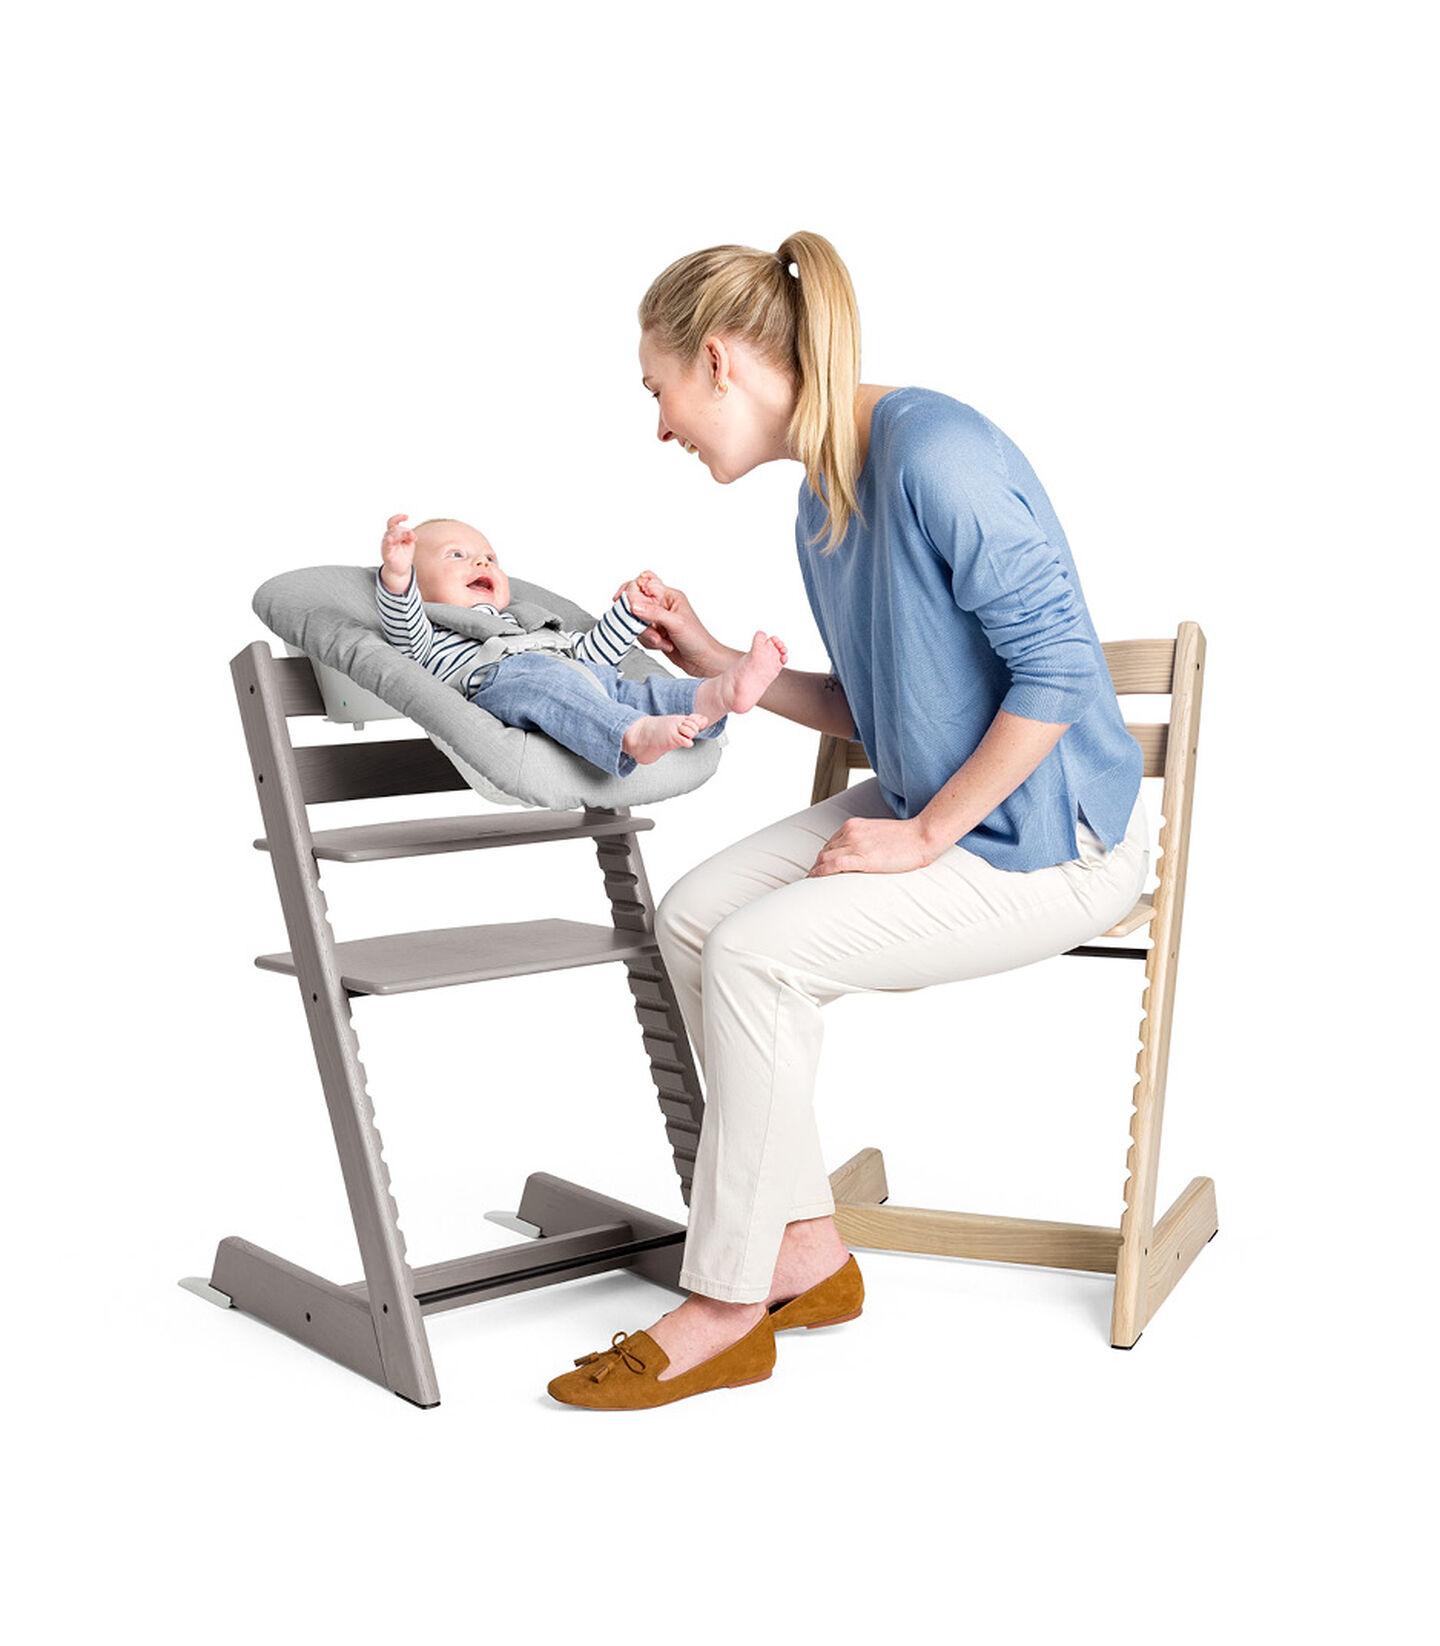 Комплект Стульчик Тripp Тrapp® и шезлонг для новорожденного, , mainview view 2